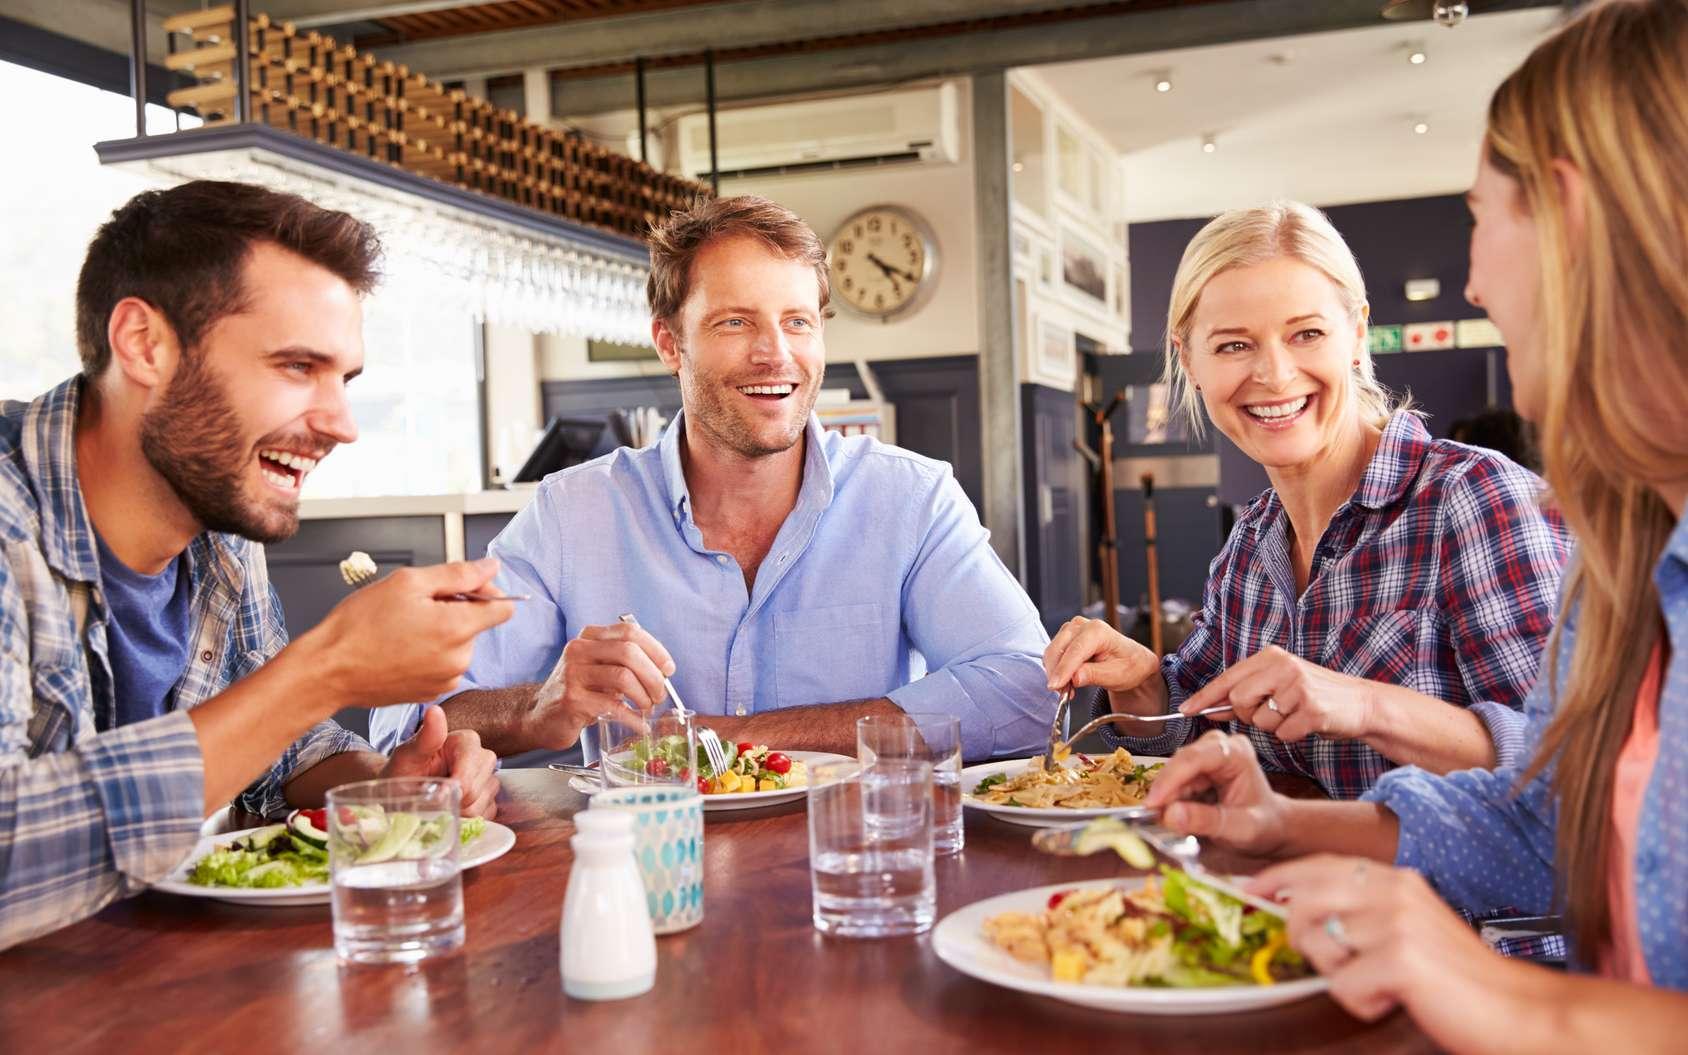 Les scientifiques ont observé le comportement de clients d'un restaurant : les hommes mangeaient beaucoup plus en présence des femmes. © Monkey Business, Fotolia